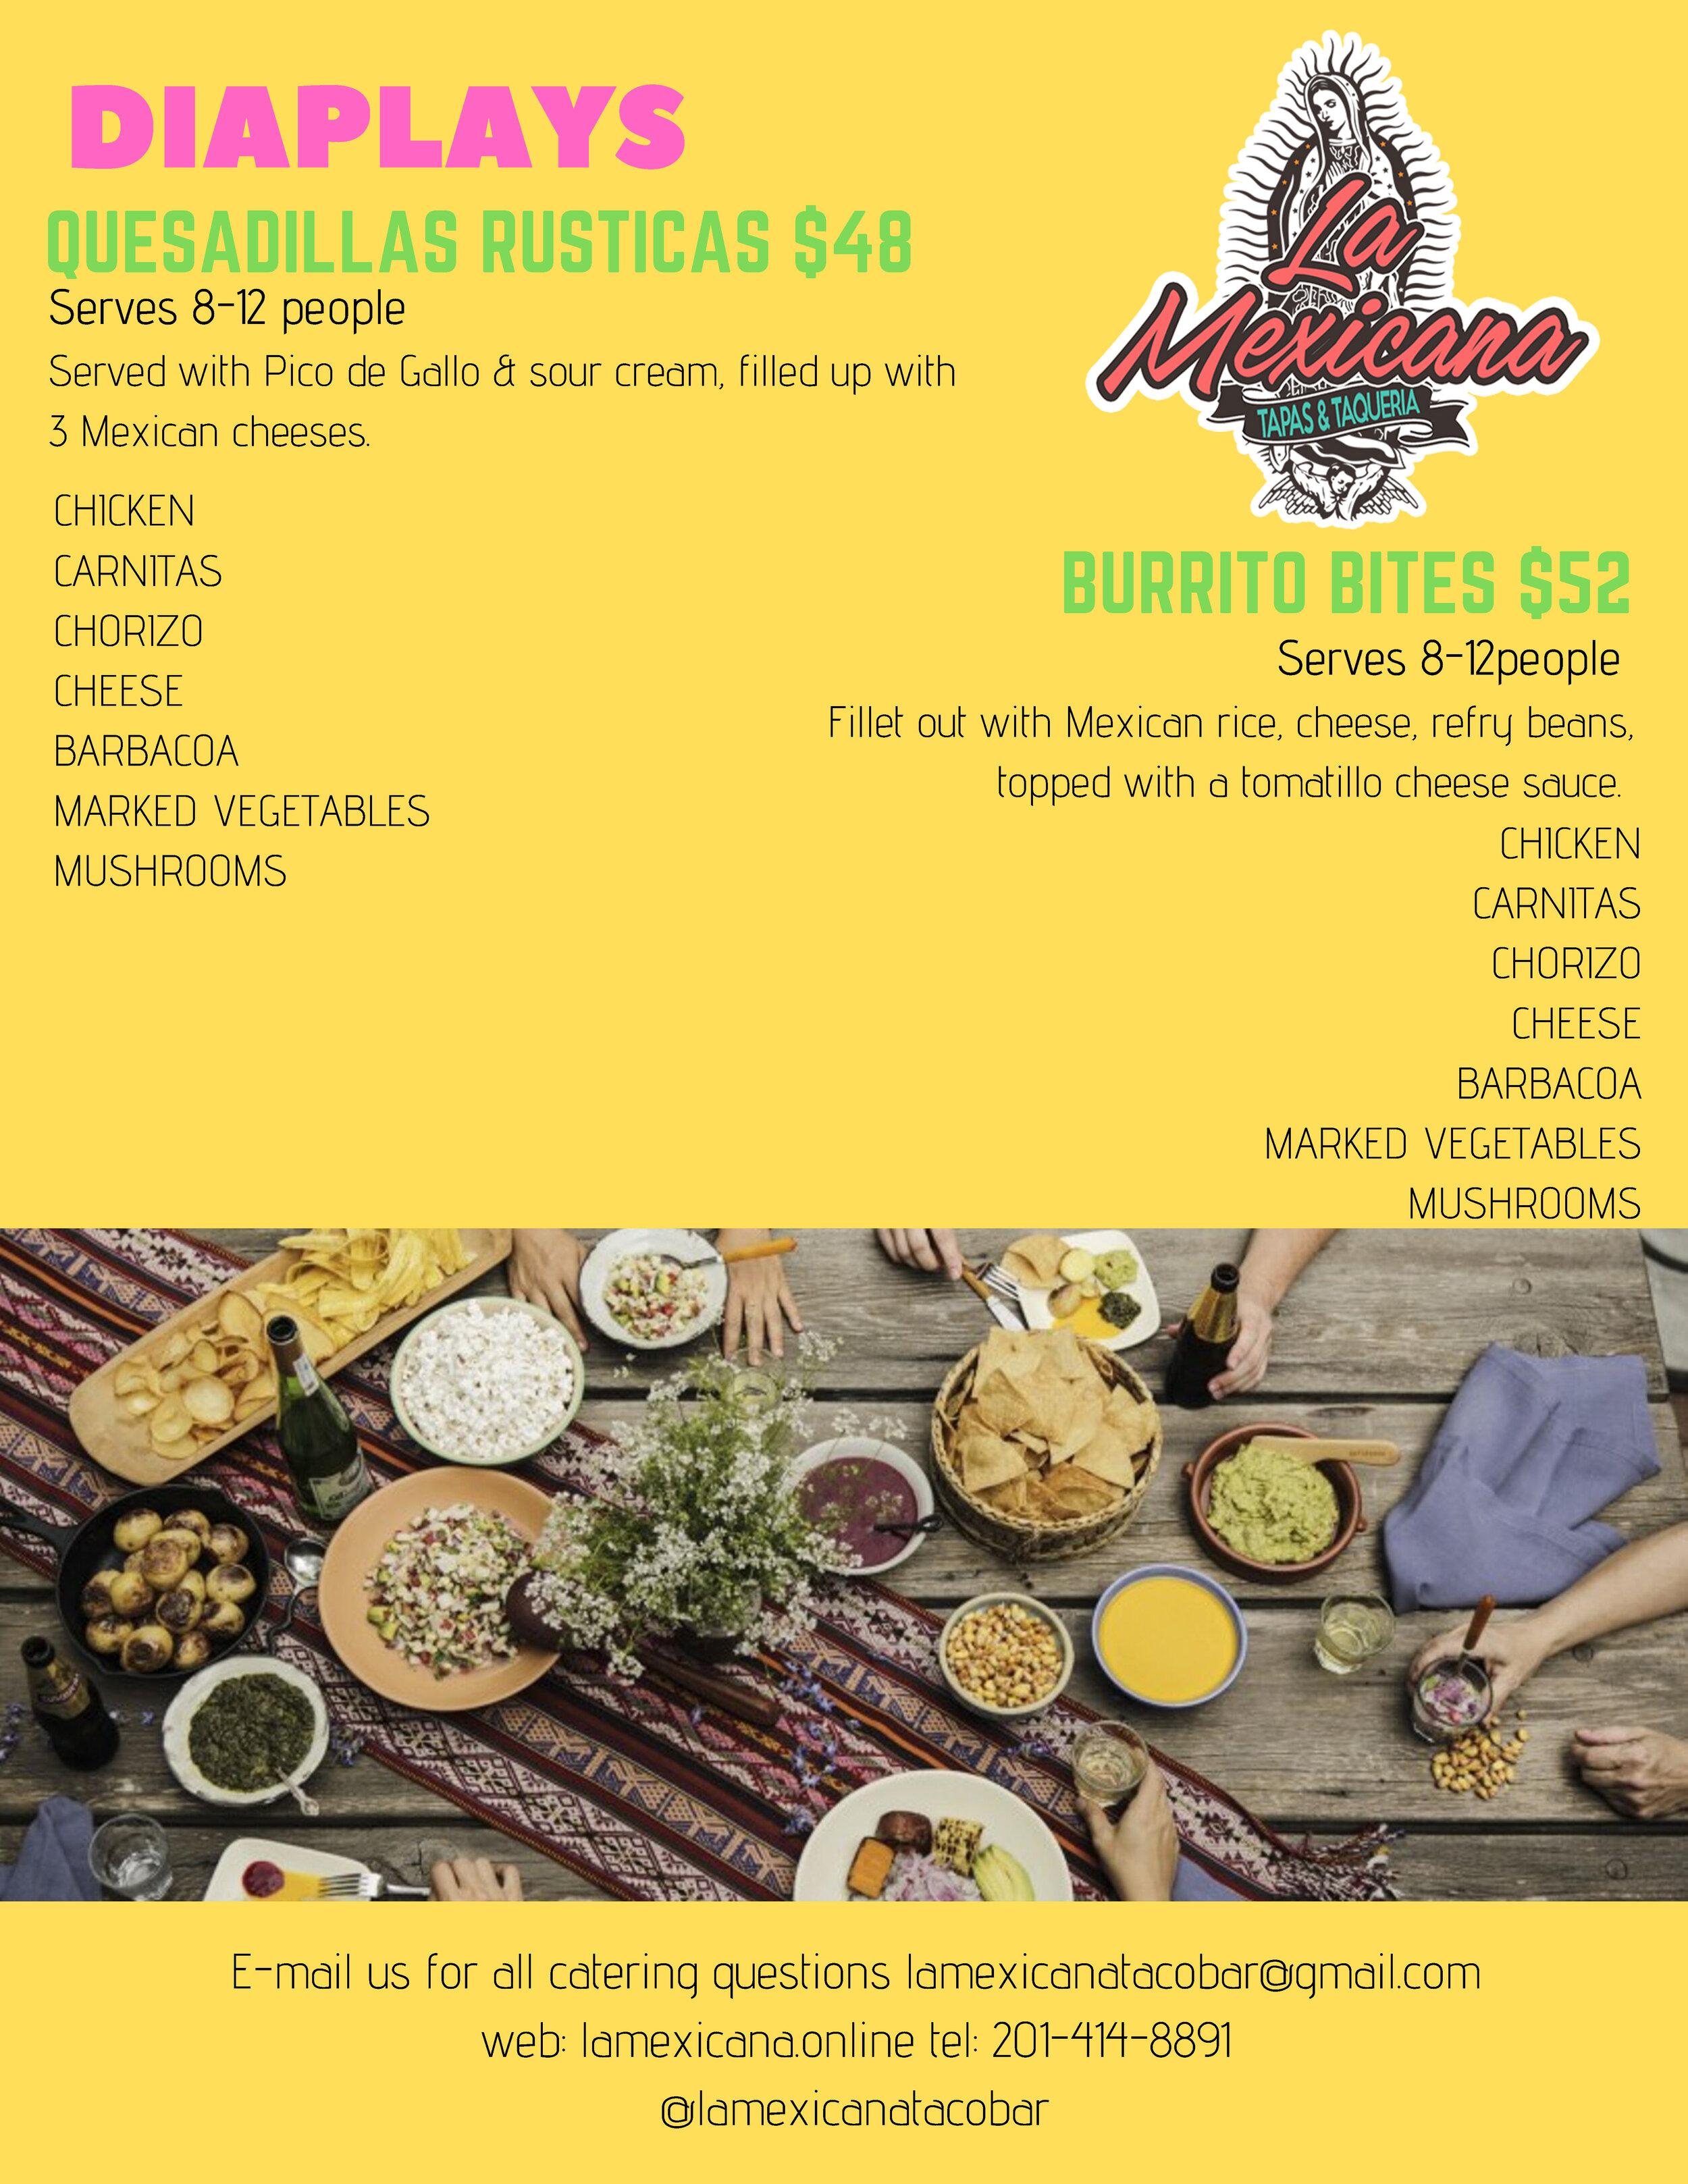 catering-menu-fortlauderdale-2.jpg